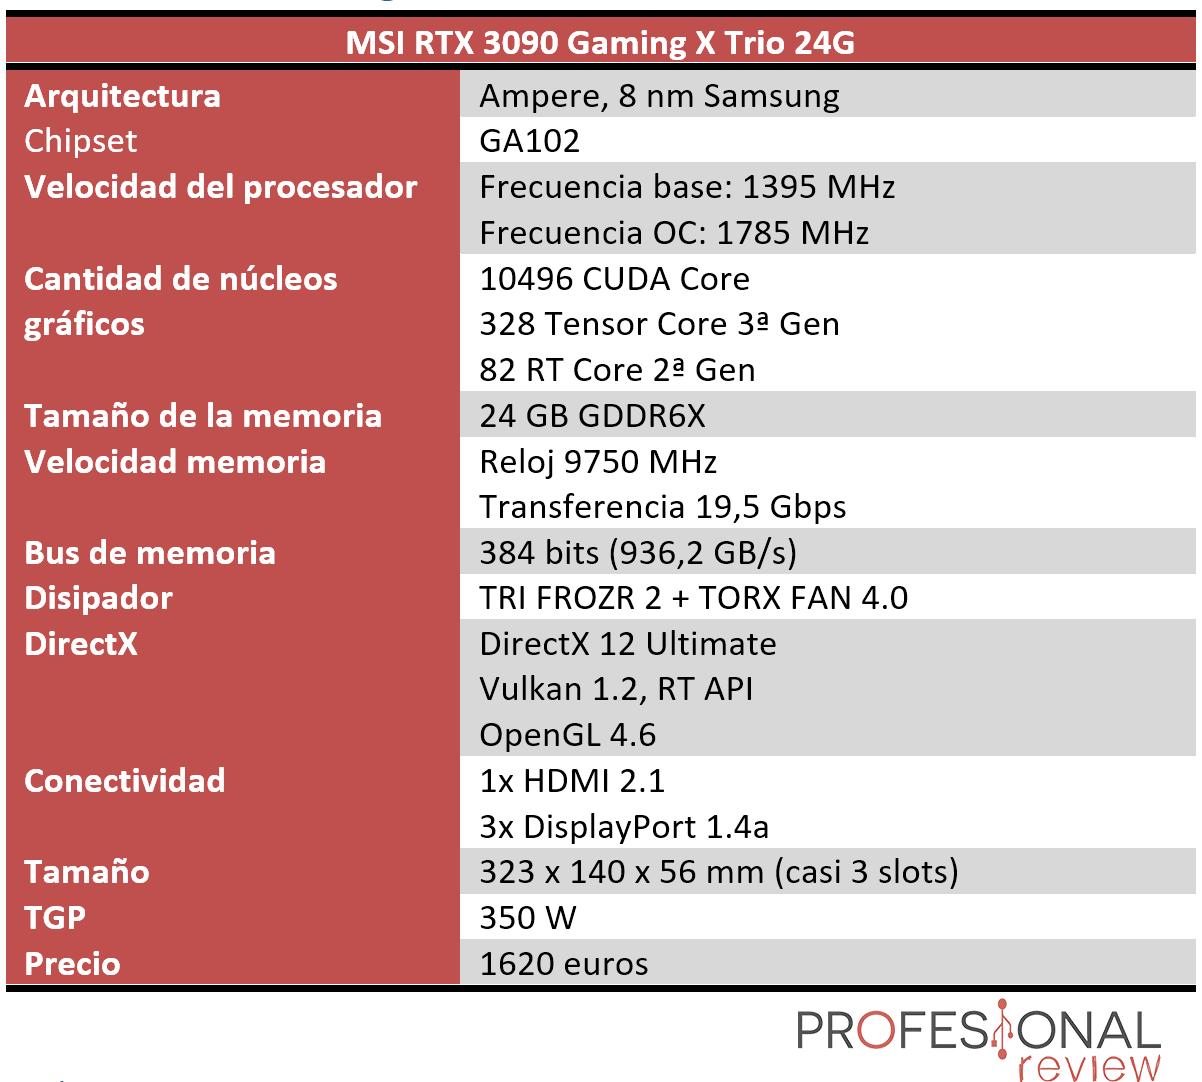 MSI RTX 3090 Gaming X Trio 24G Características